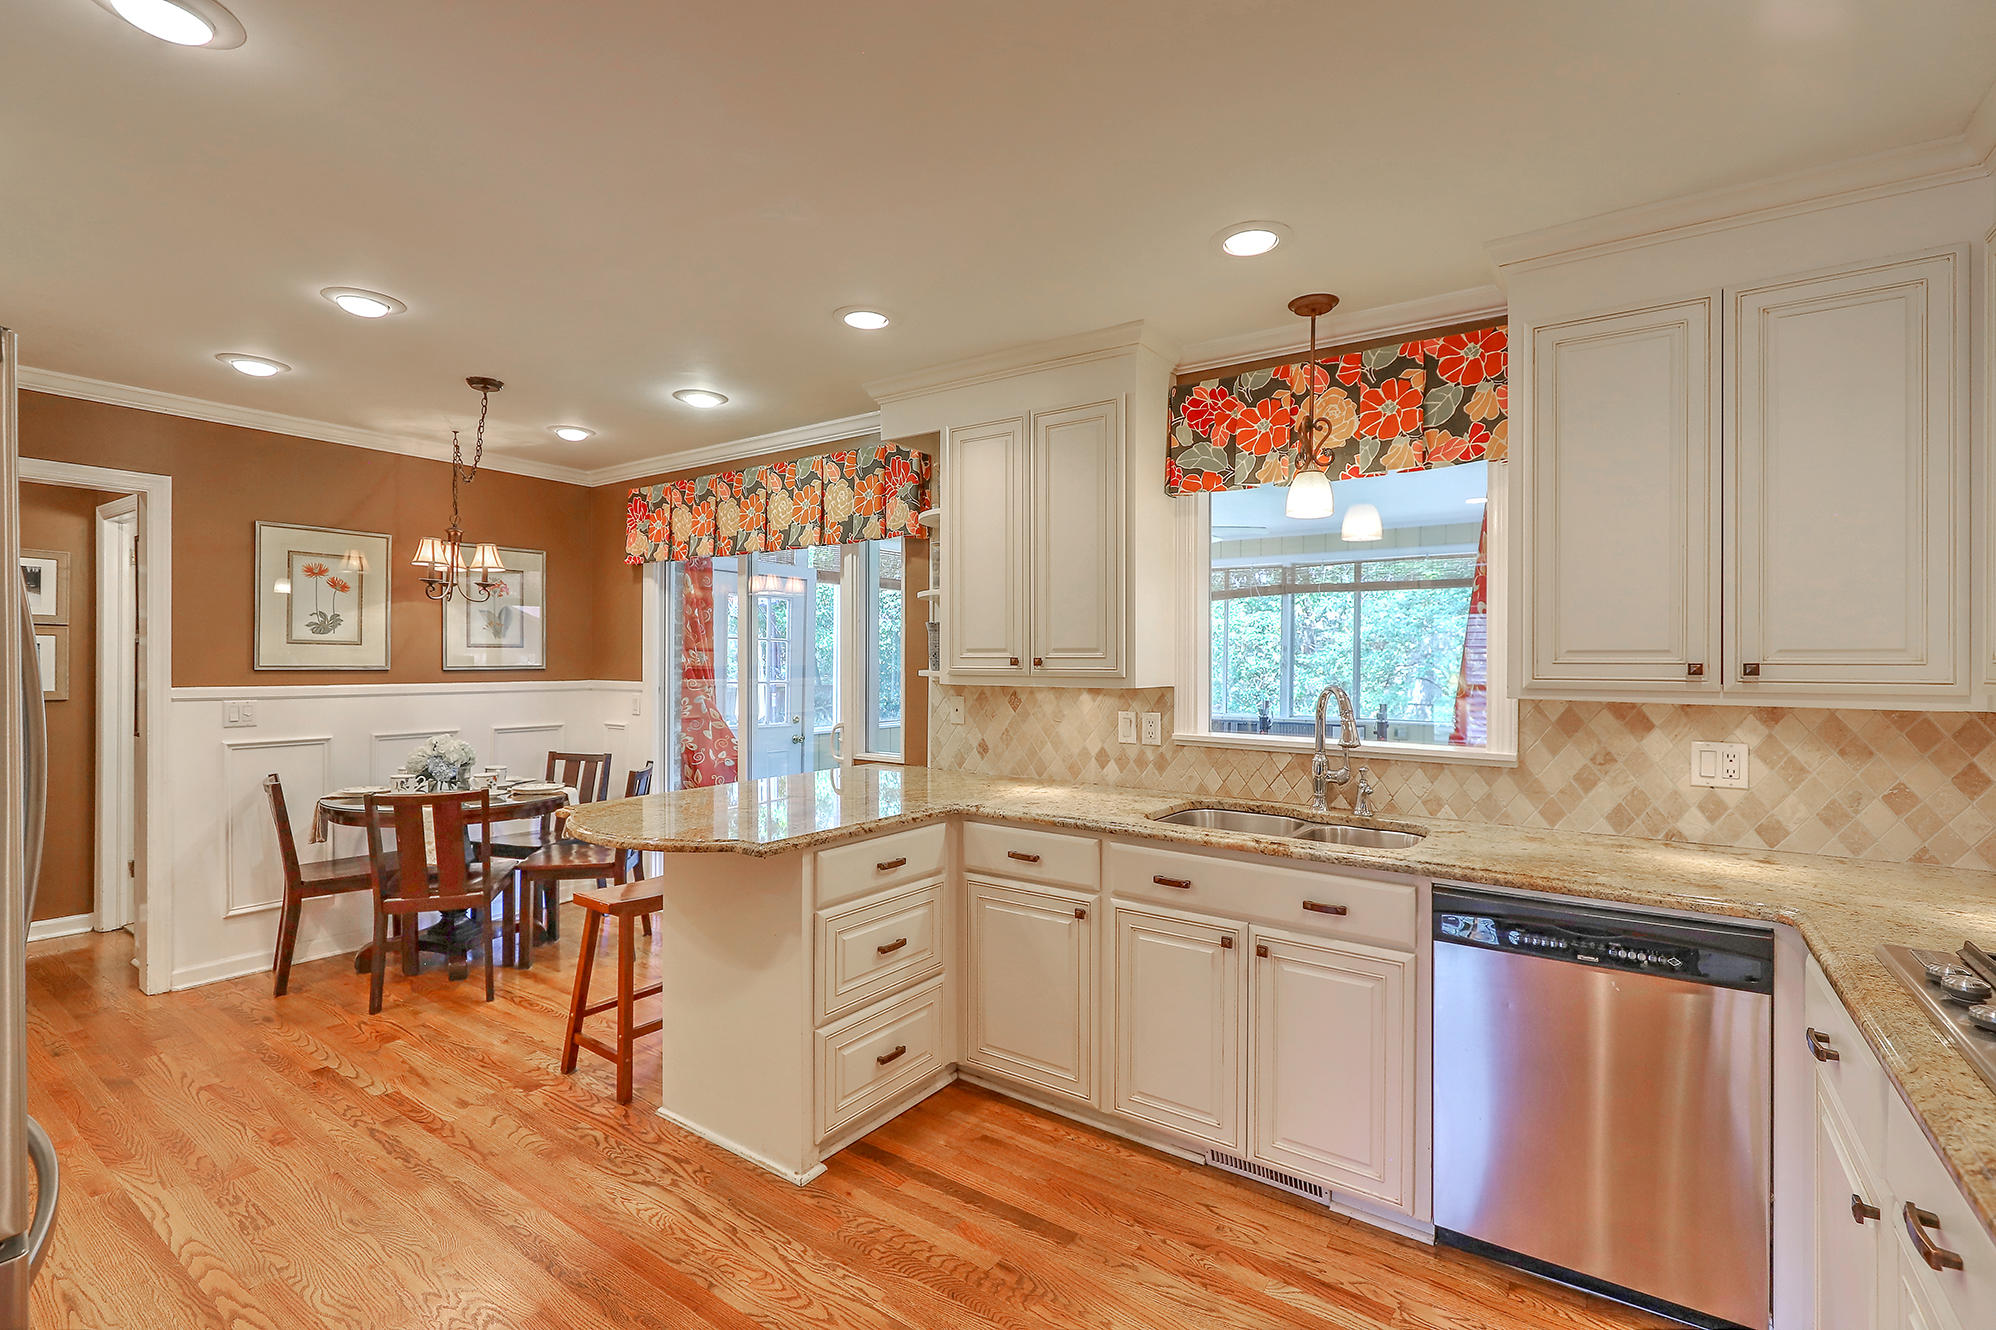 Sandhurst Homes For Sale - 1339 Winchester, Charleston, SC - 25